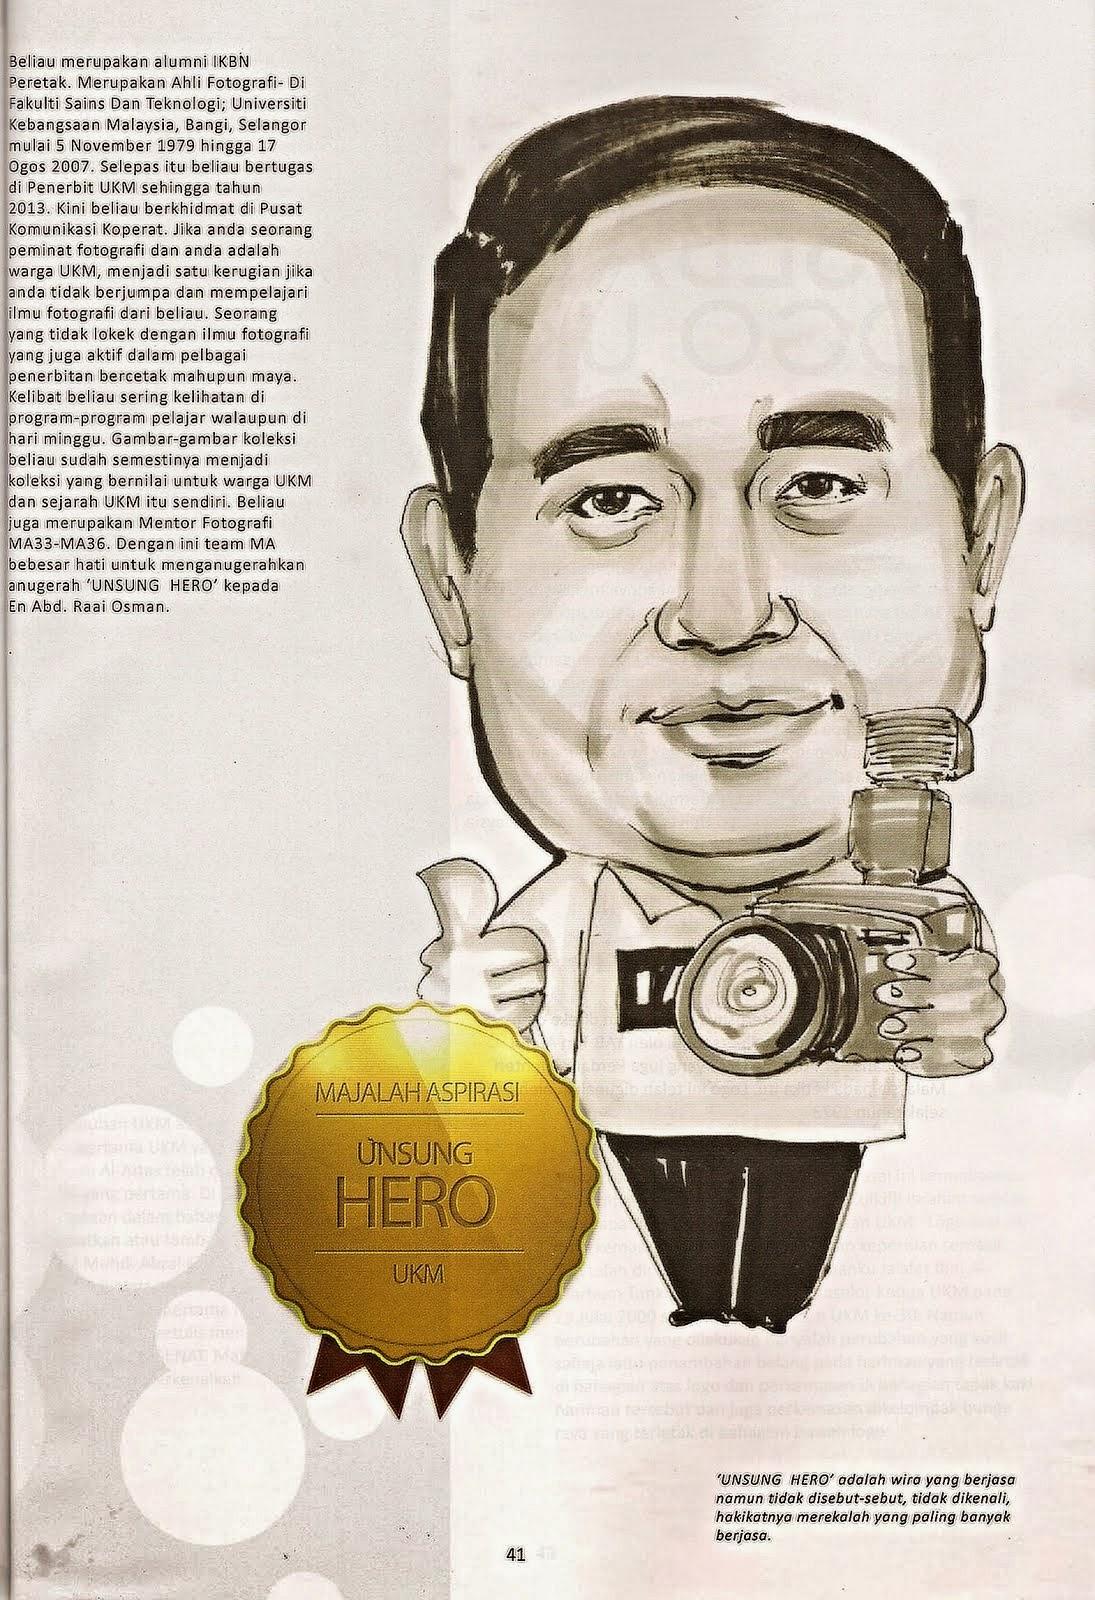 Anugerah Unsung Hero 2013